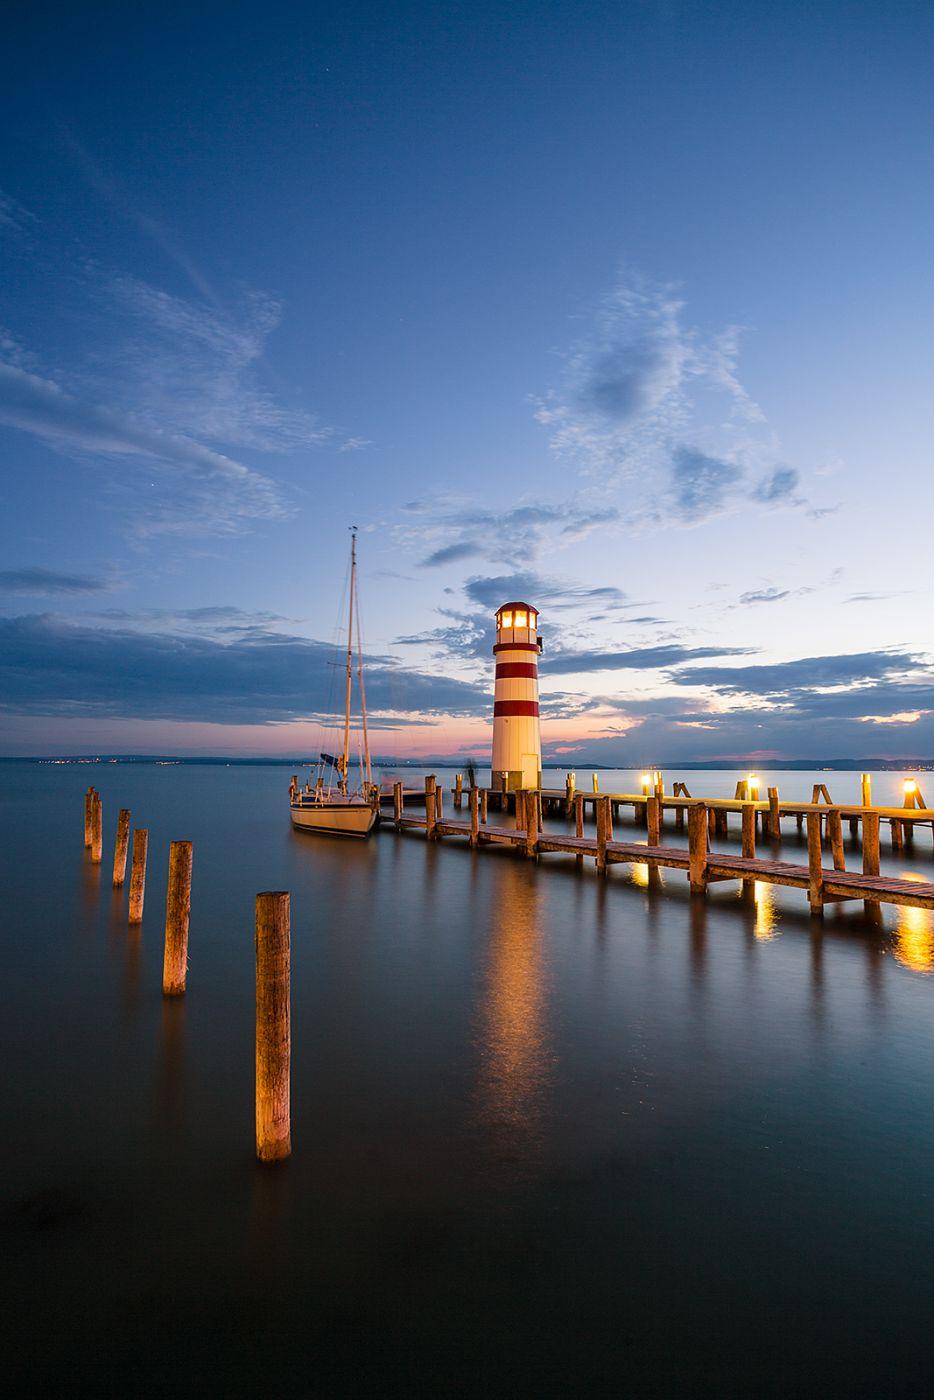 Lighthouse, Austria